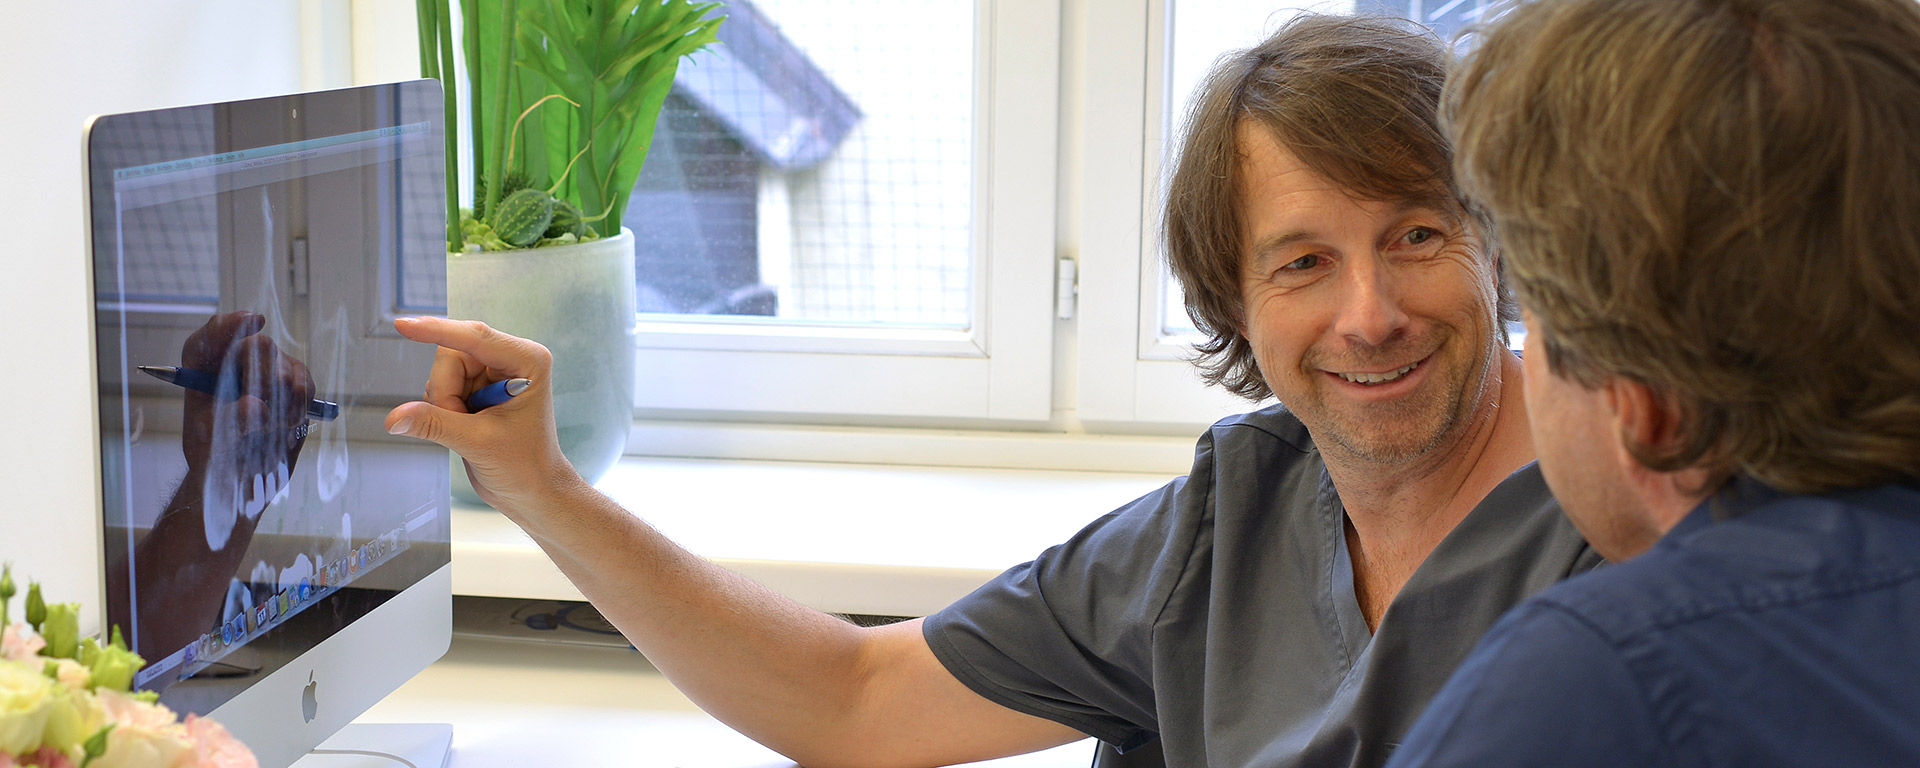 Implantologie Beratung Dr. Claudio Cacaci